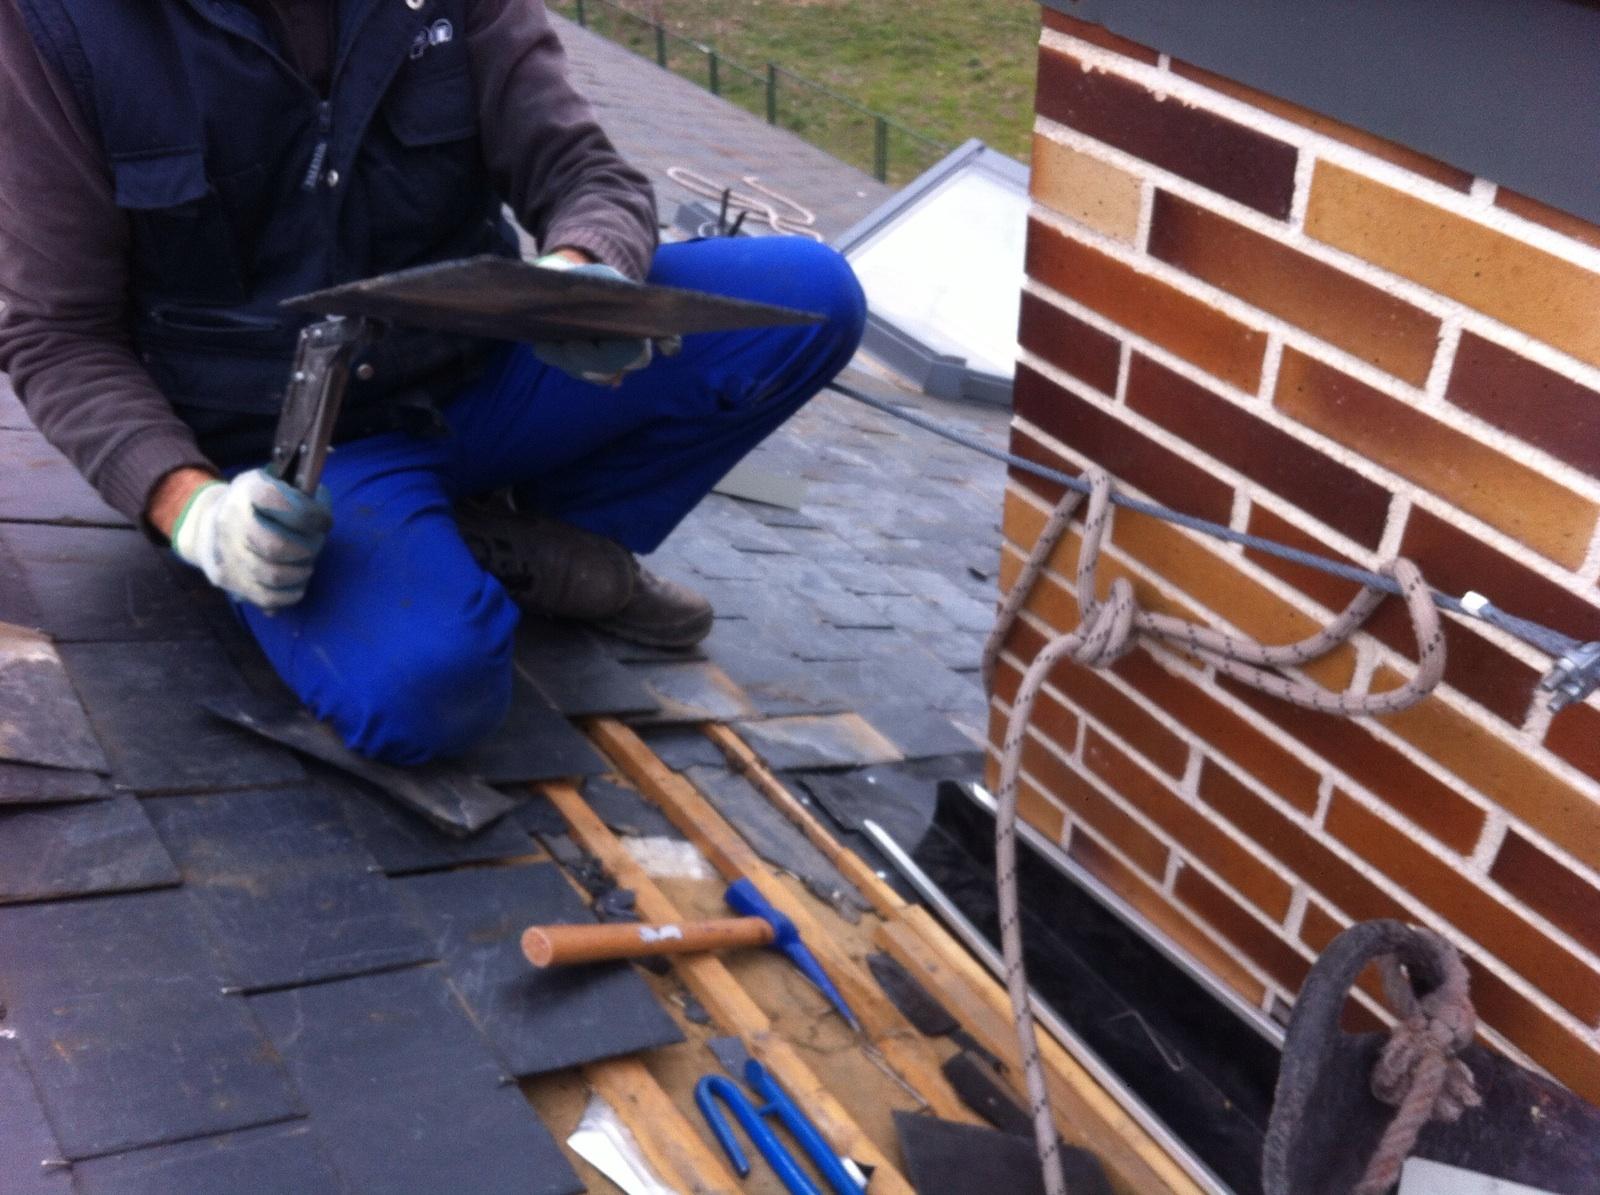 C ones villanueva de la canada tf tejados reparacion for Reparacion de tejados de madera